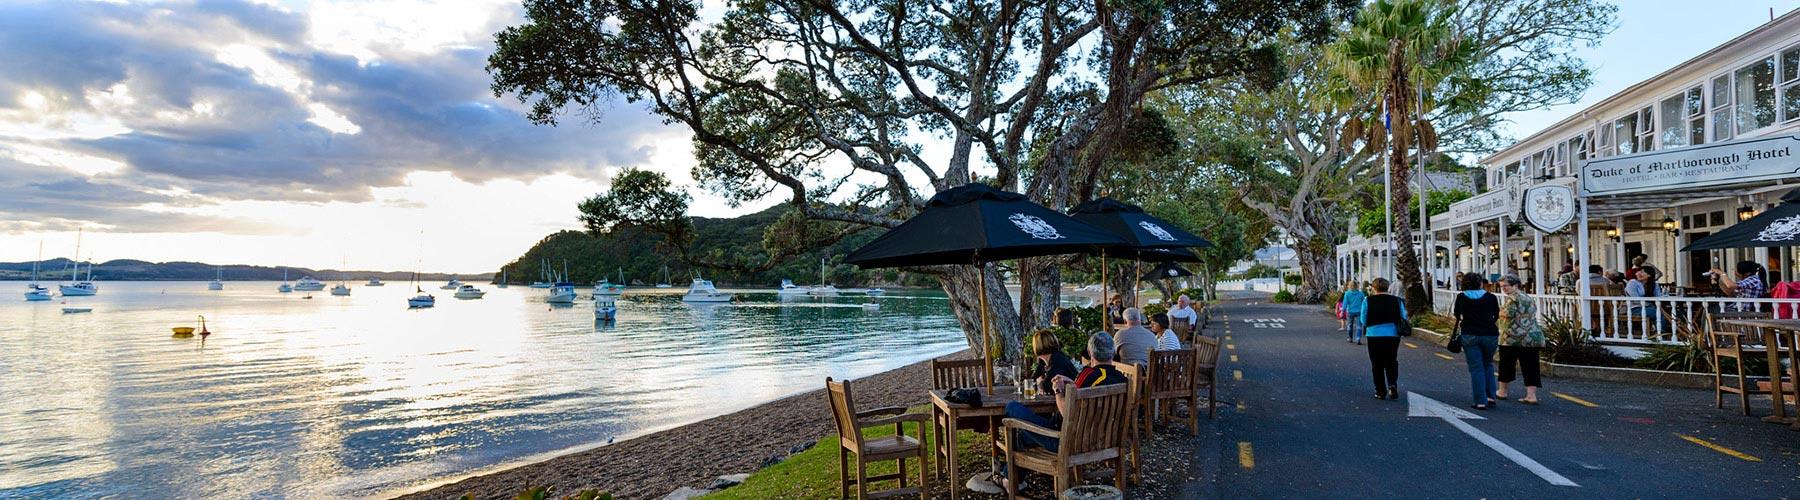 Restaurants Bay of Islands